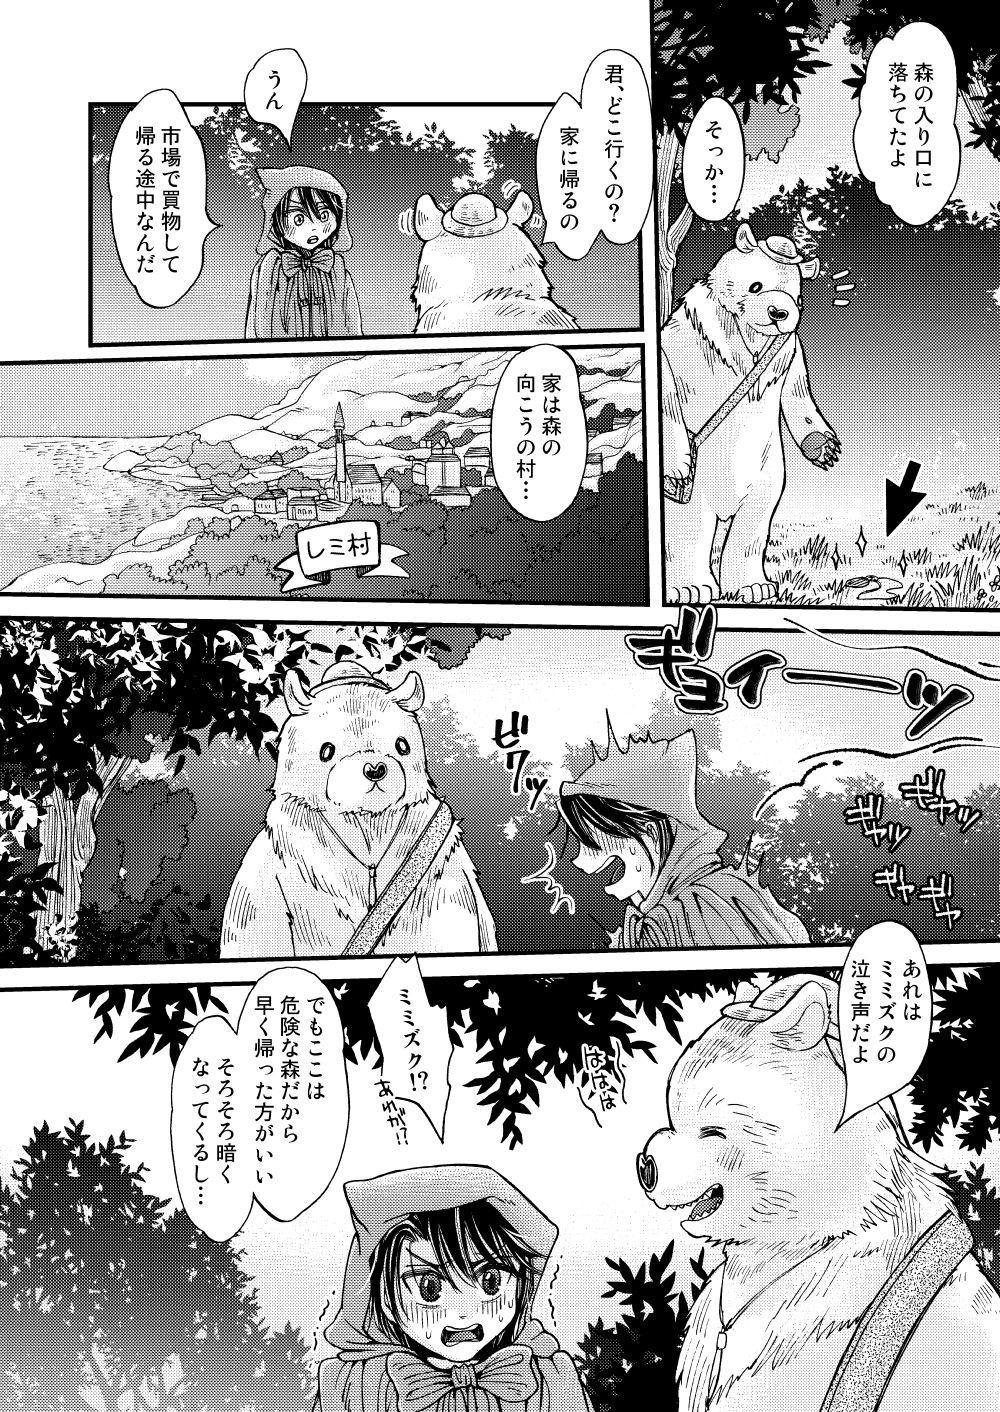 Mori no Kuma-san ni Aisare Sugite Mofu Mofu 7